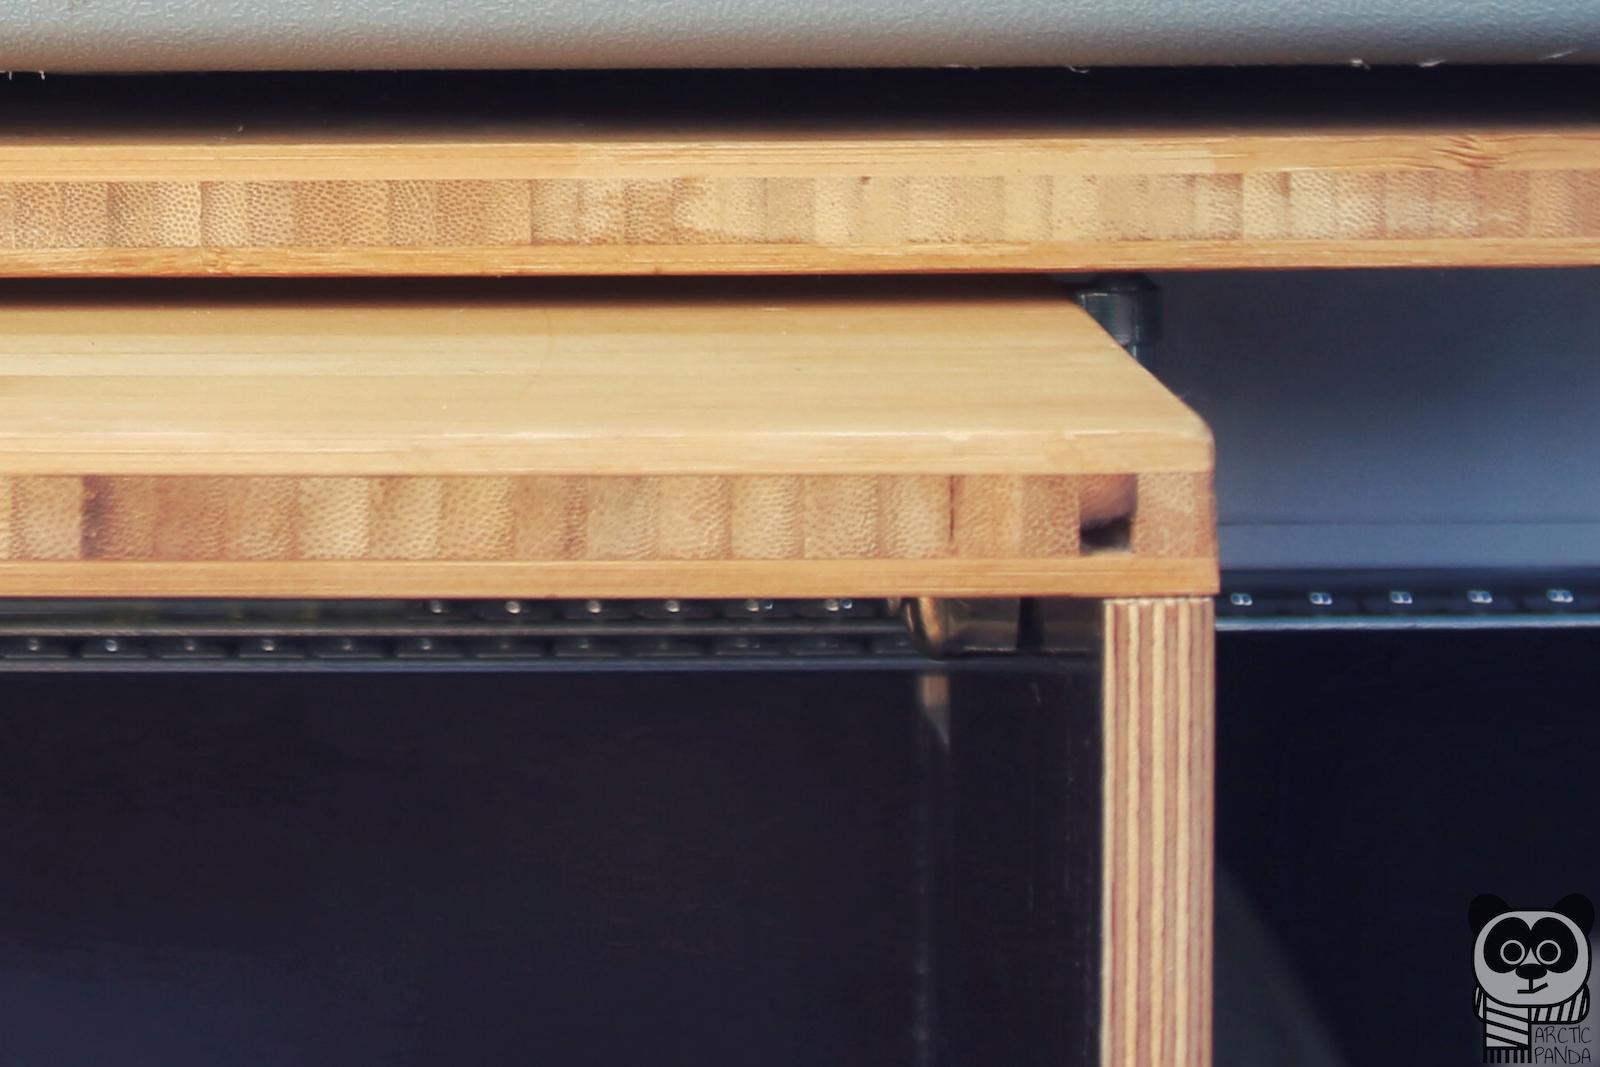 Campingausbau - Materialmix im Detail: Bamus im Sichtbereich, dünne Siebdruckplatten im Unterbau.